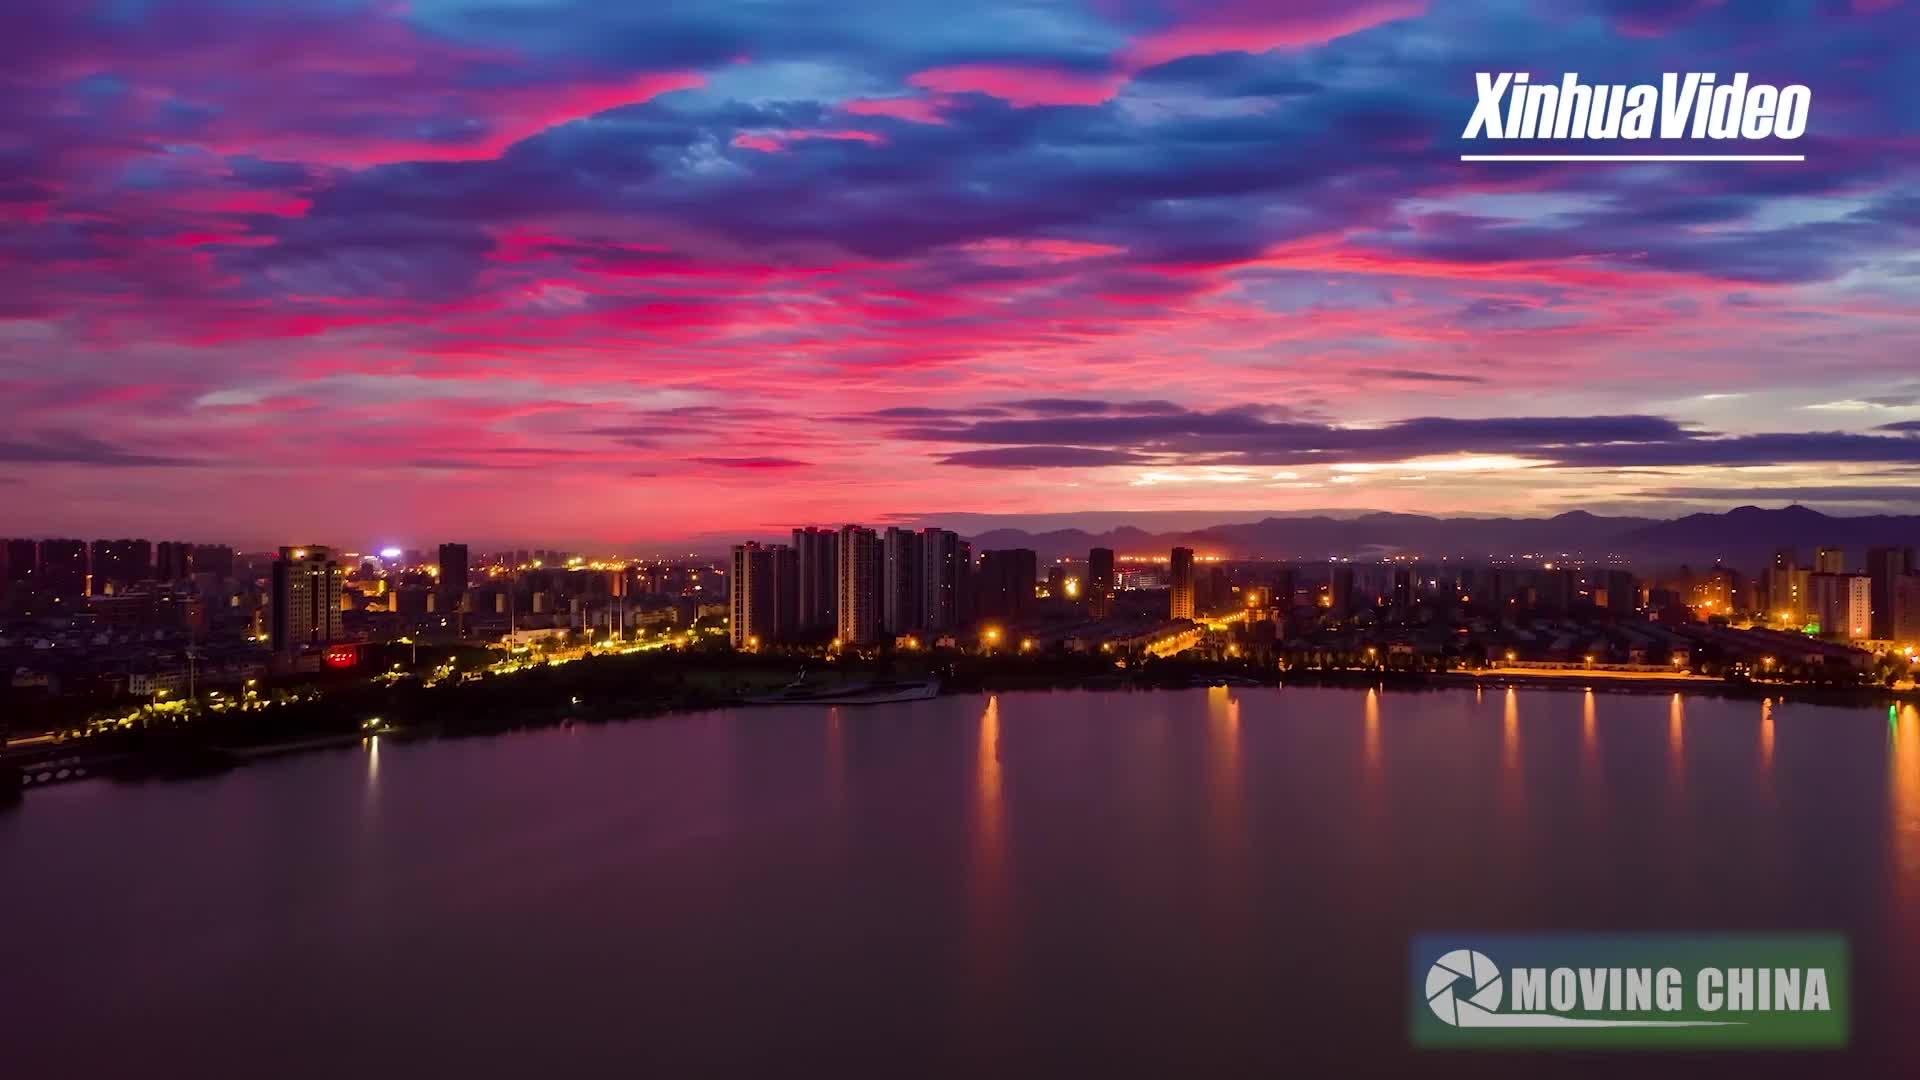 Moving China | Jinhua, a liveable city